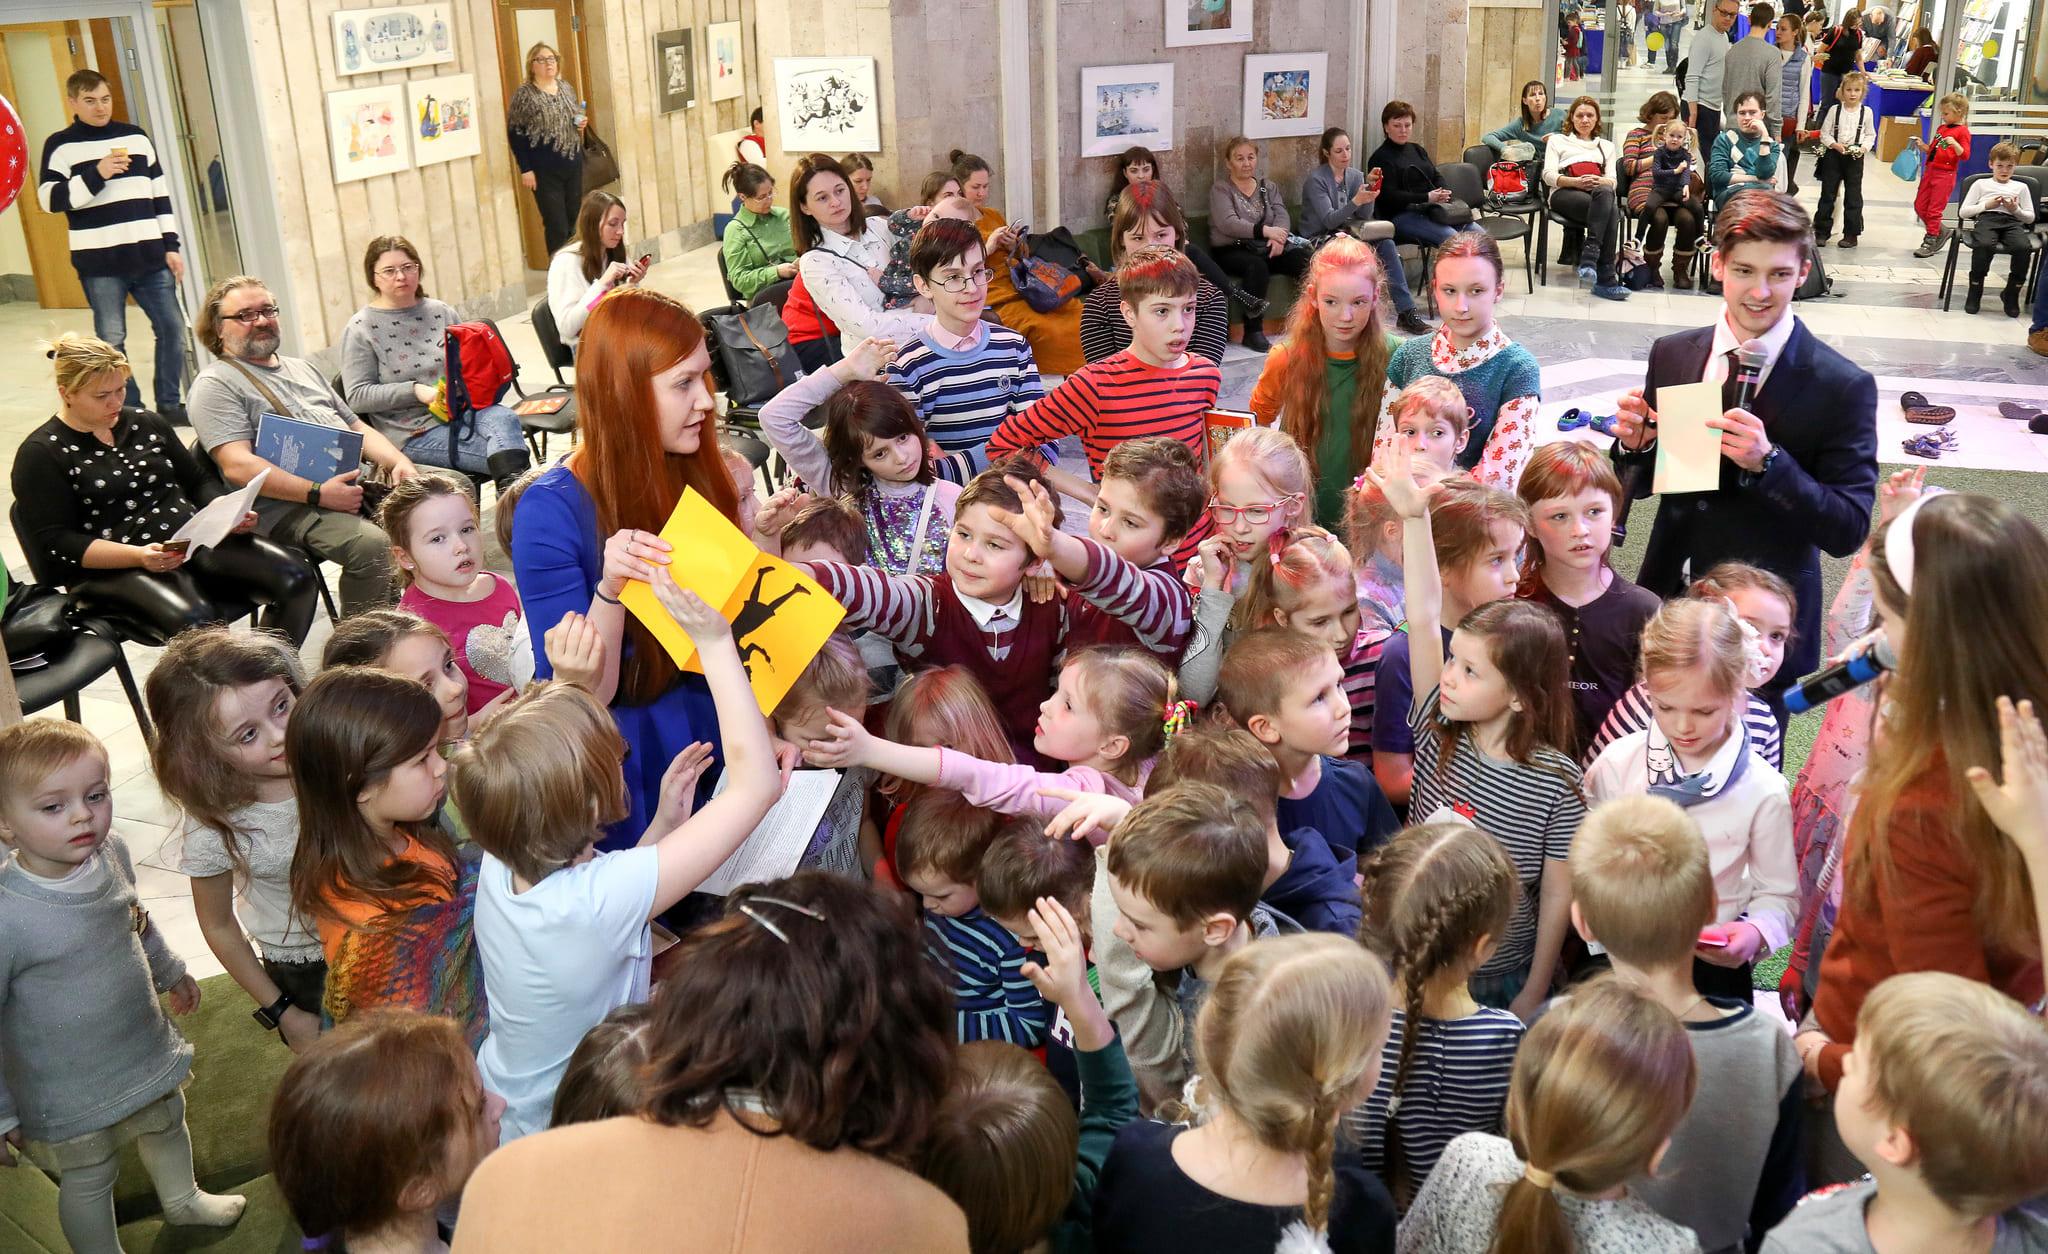 Фотографии предоставлены пресс-службой Российской государственной детской библиотеки